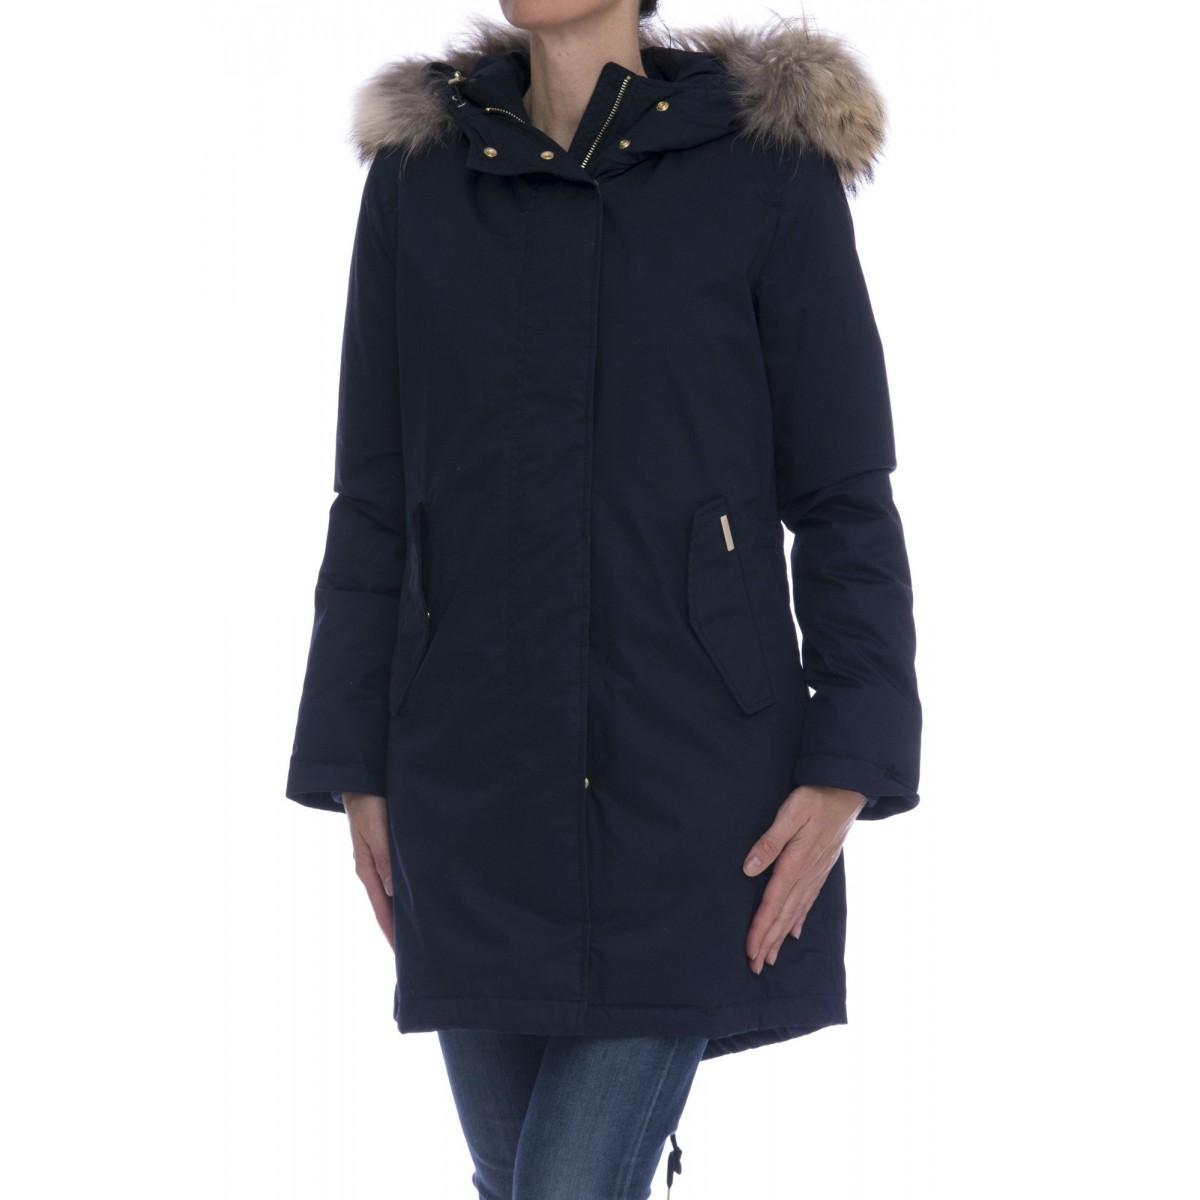 Piumino Woolrich - Ww cps2256 lm10 tiffany eskimo